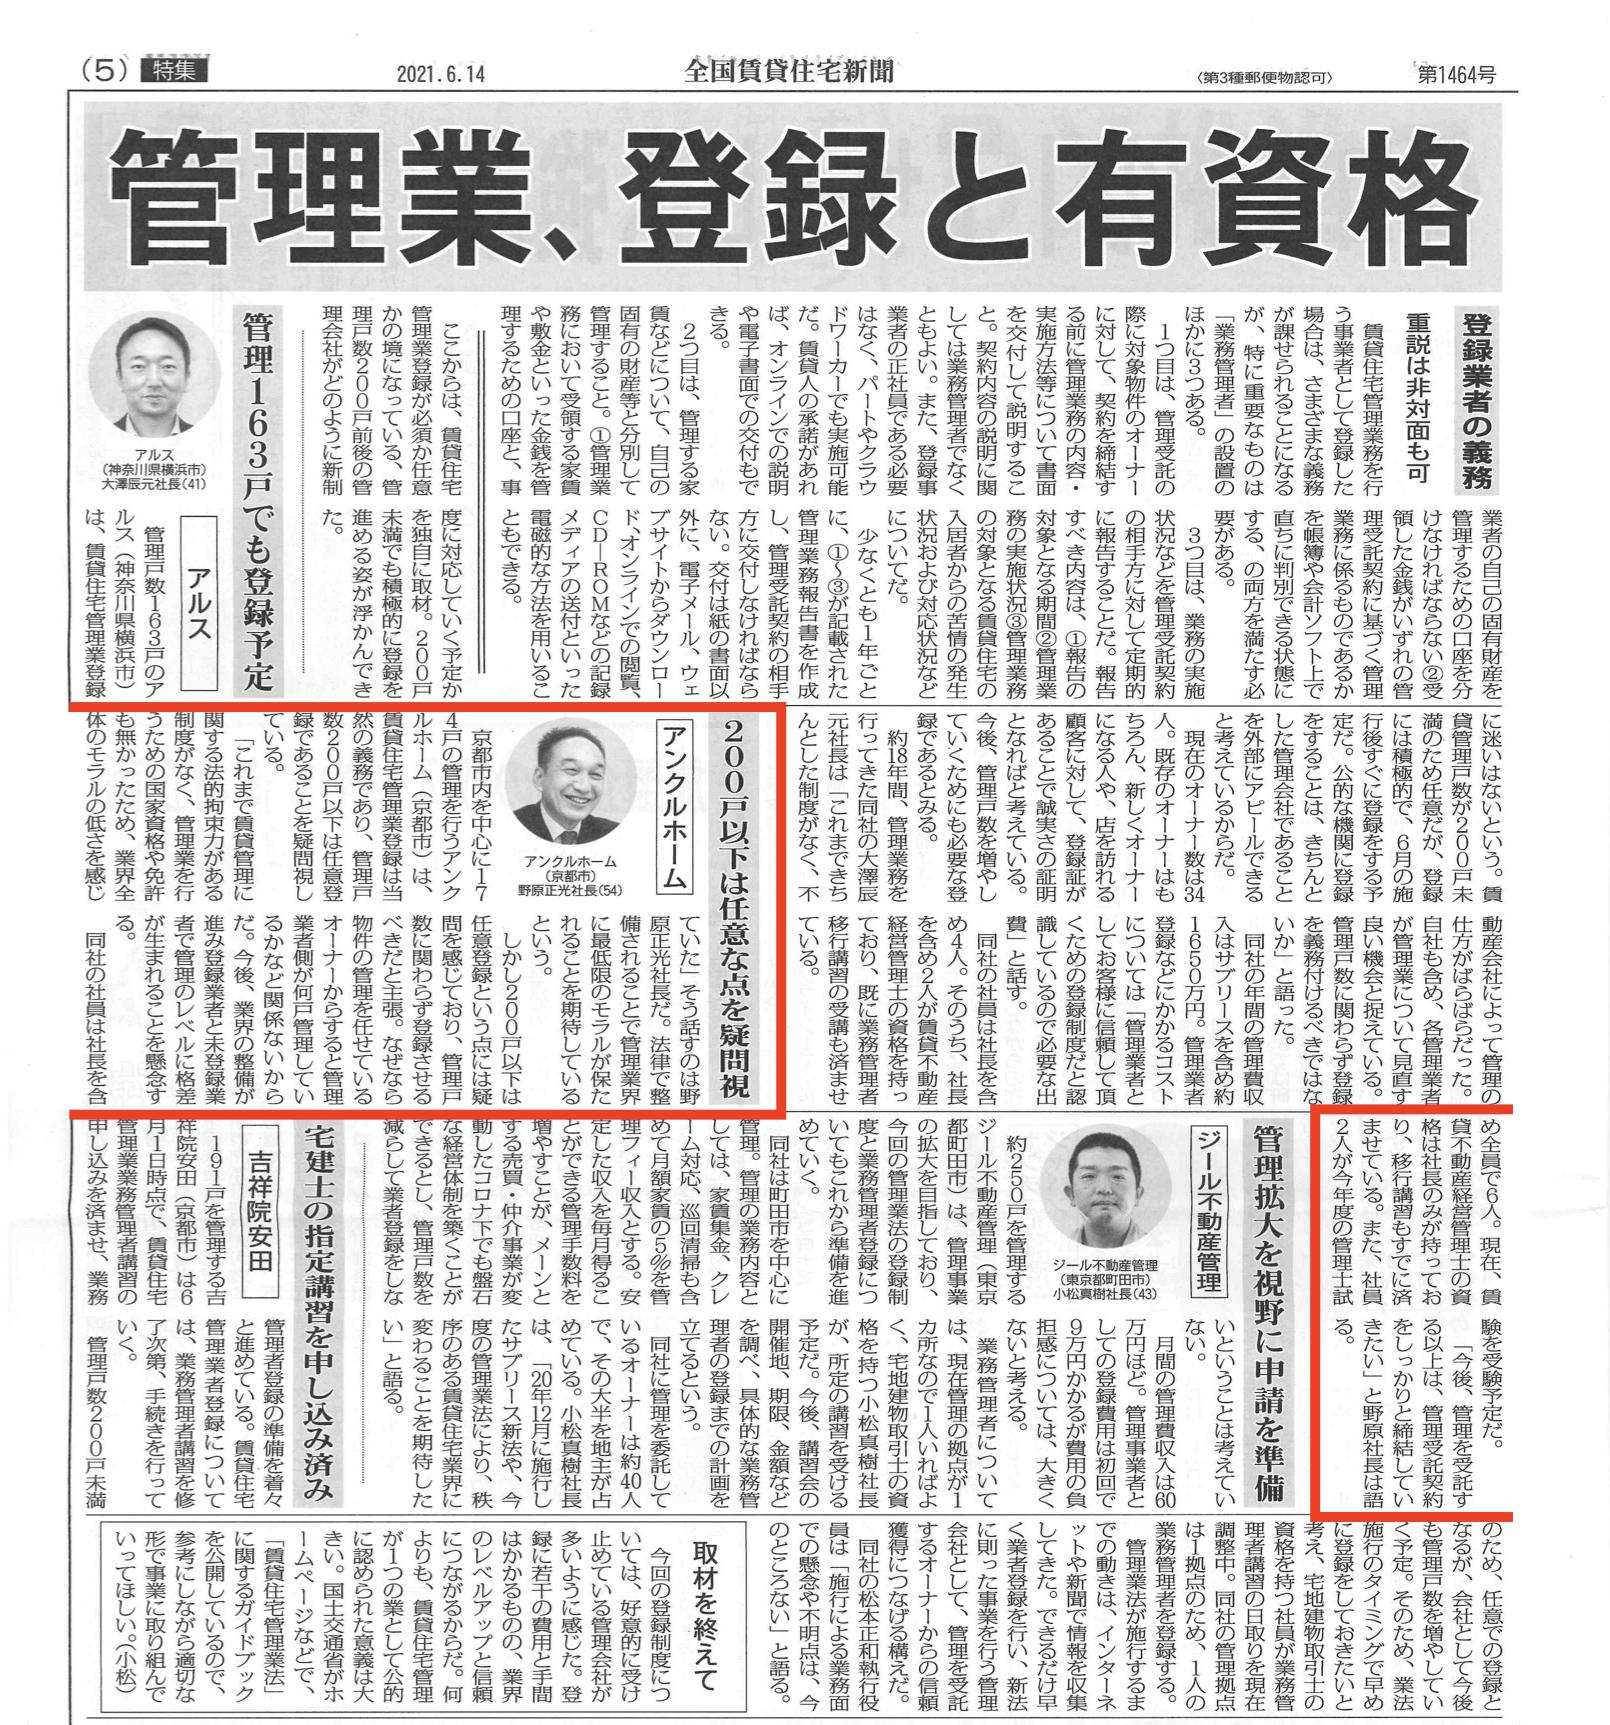 有限会社アンクルホームの代表である野原正光が全国賃貸住宅新聞の取材に答えました。